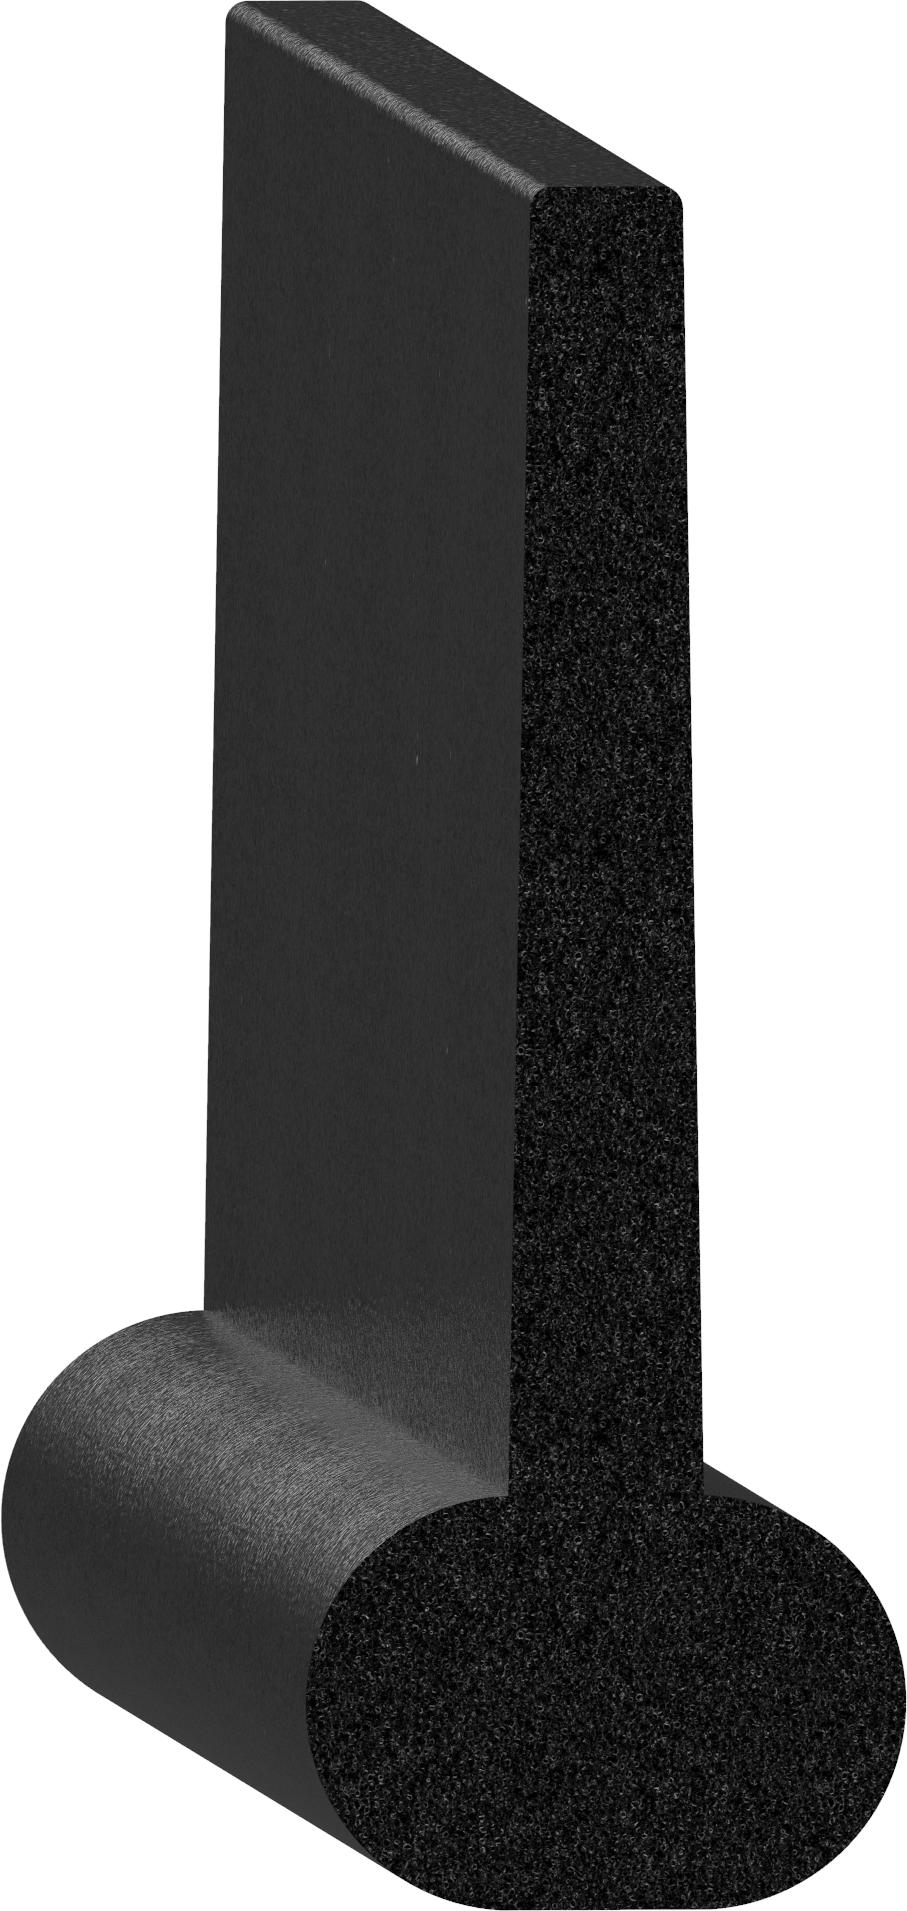 Uni-Grip part: SD-321